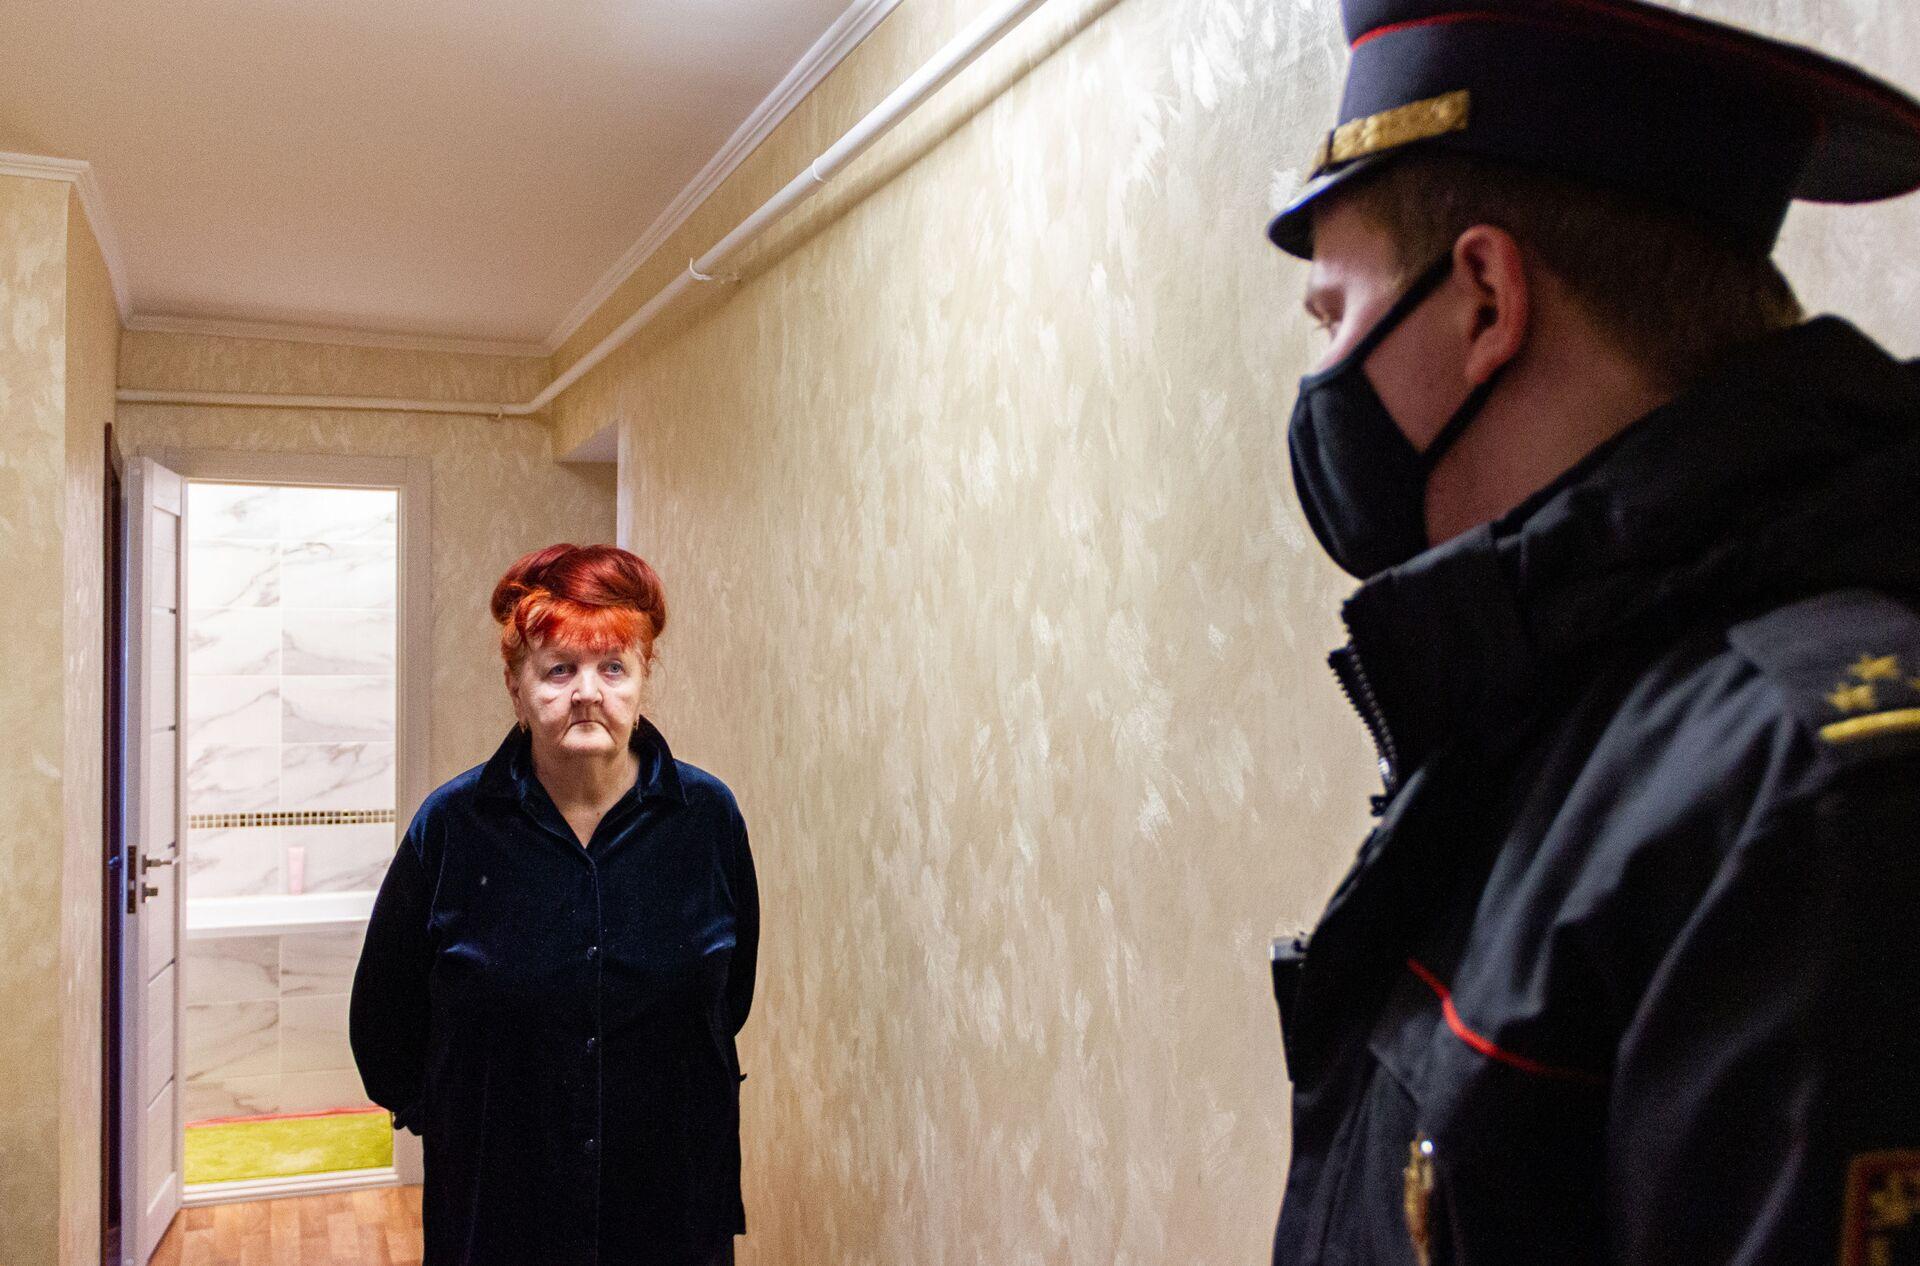 Вызывай милицию – непростые будни сельского участкового - Sputnik Беларусь, 1920, 04.03.2021